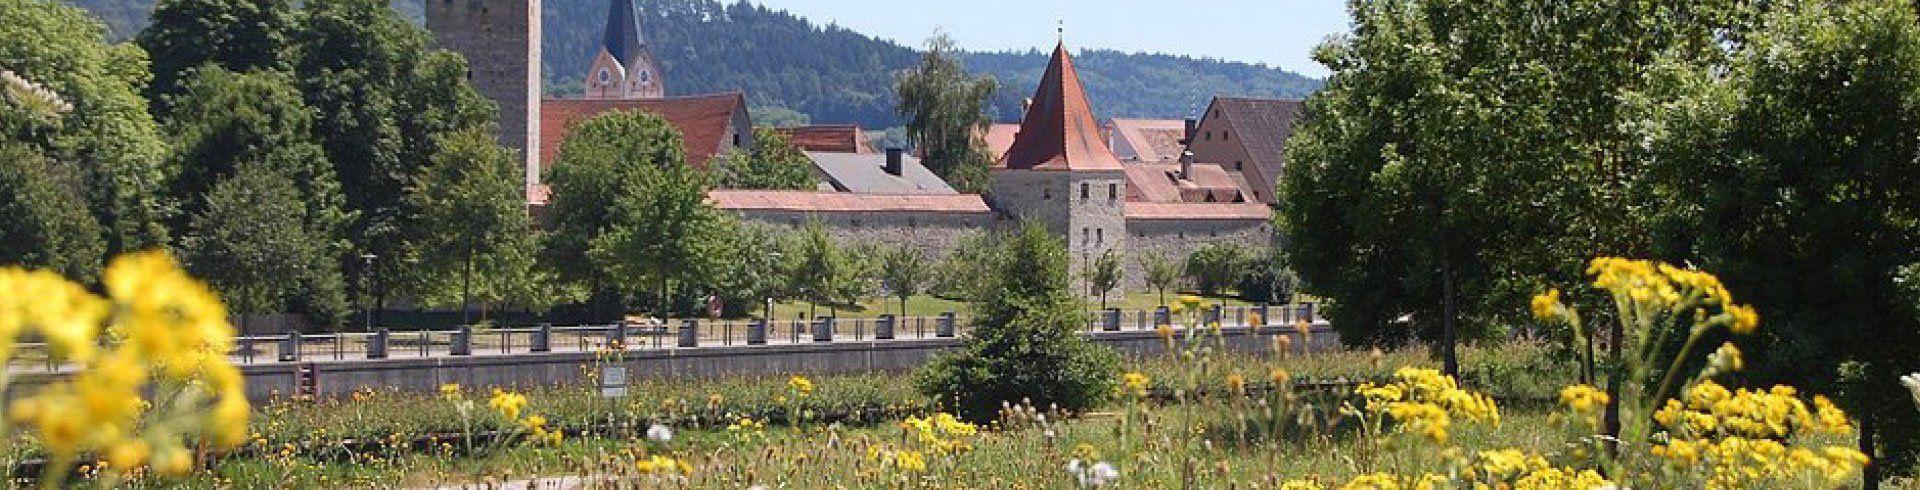 Stadt Berching